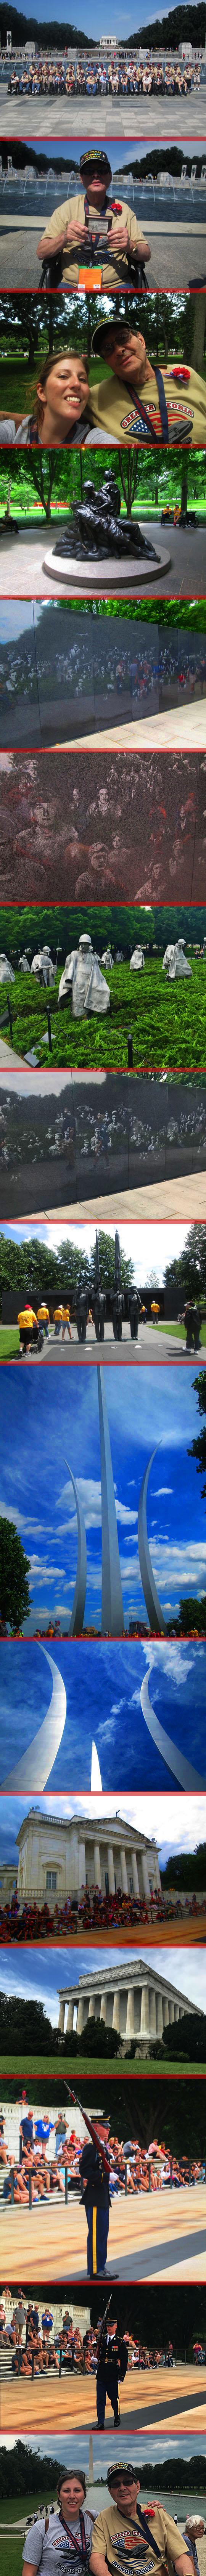 6. memorials_june6-18.jpg